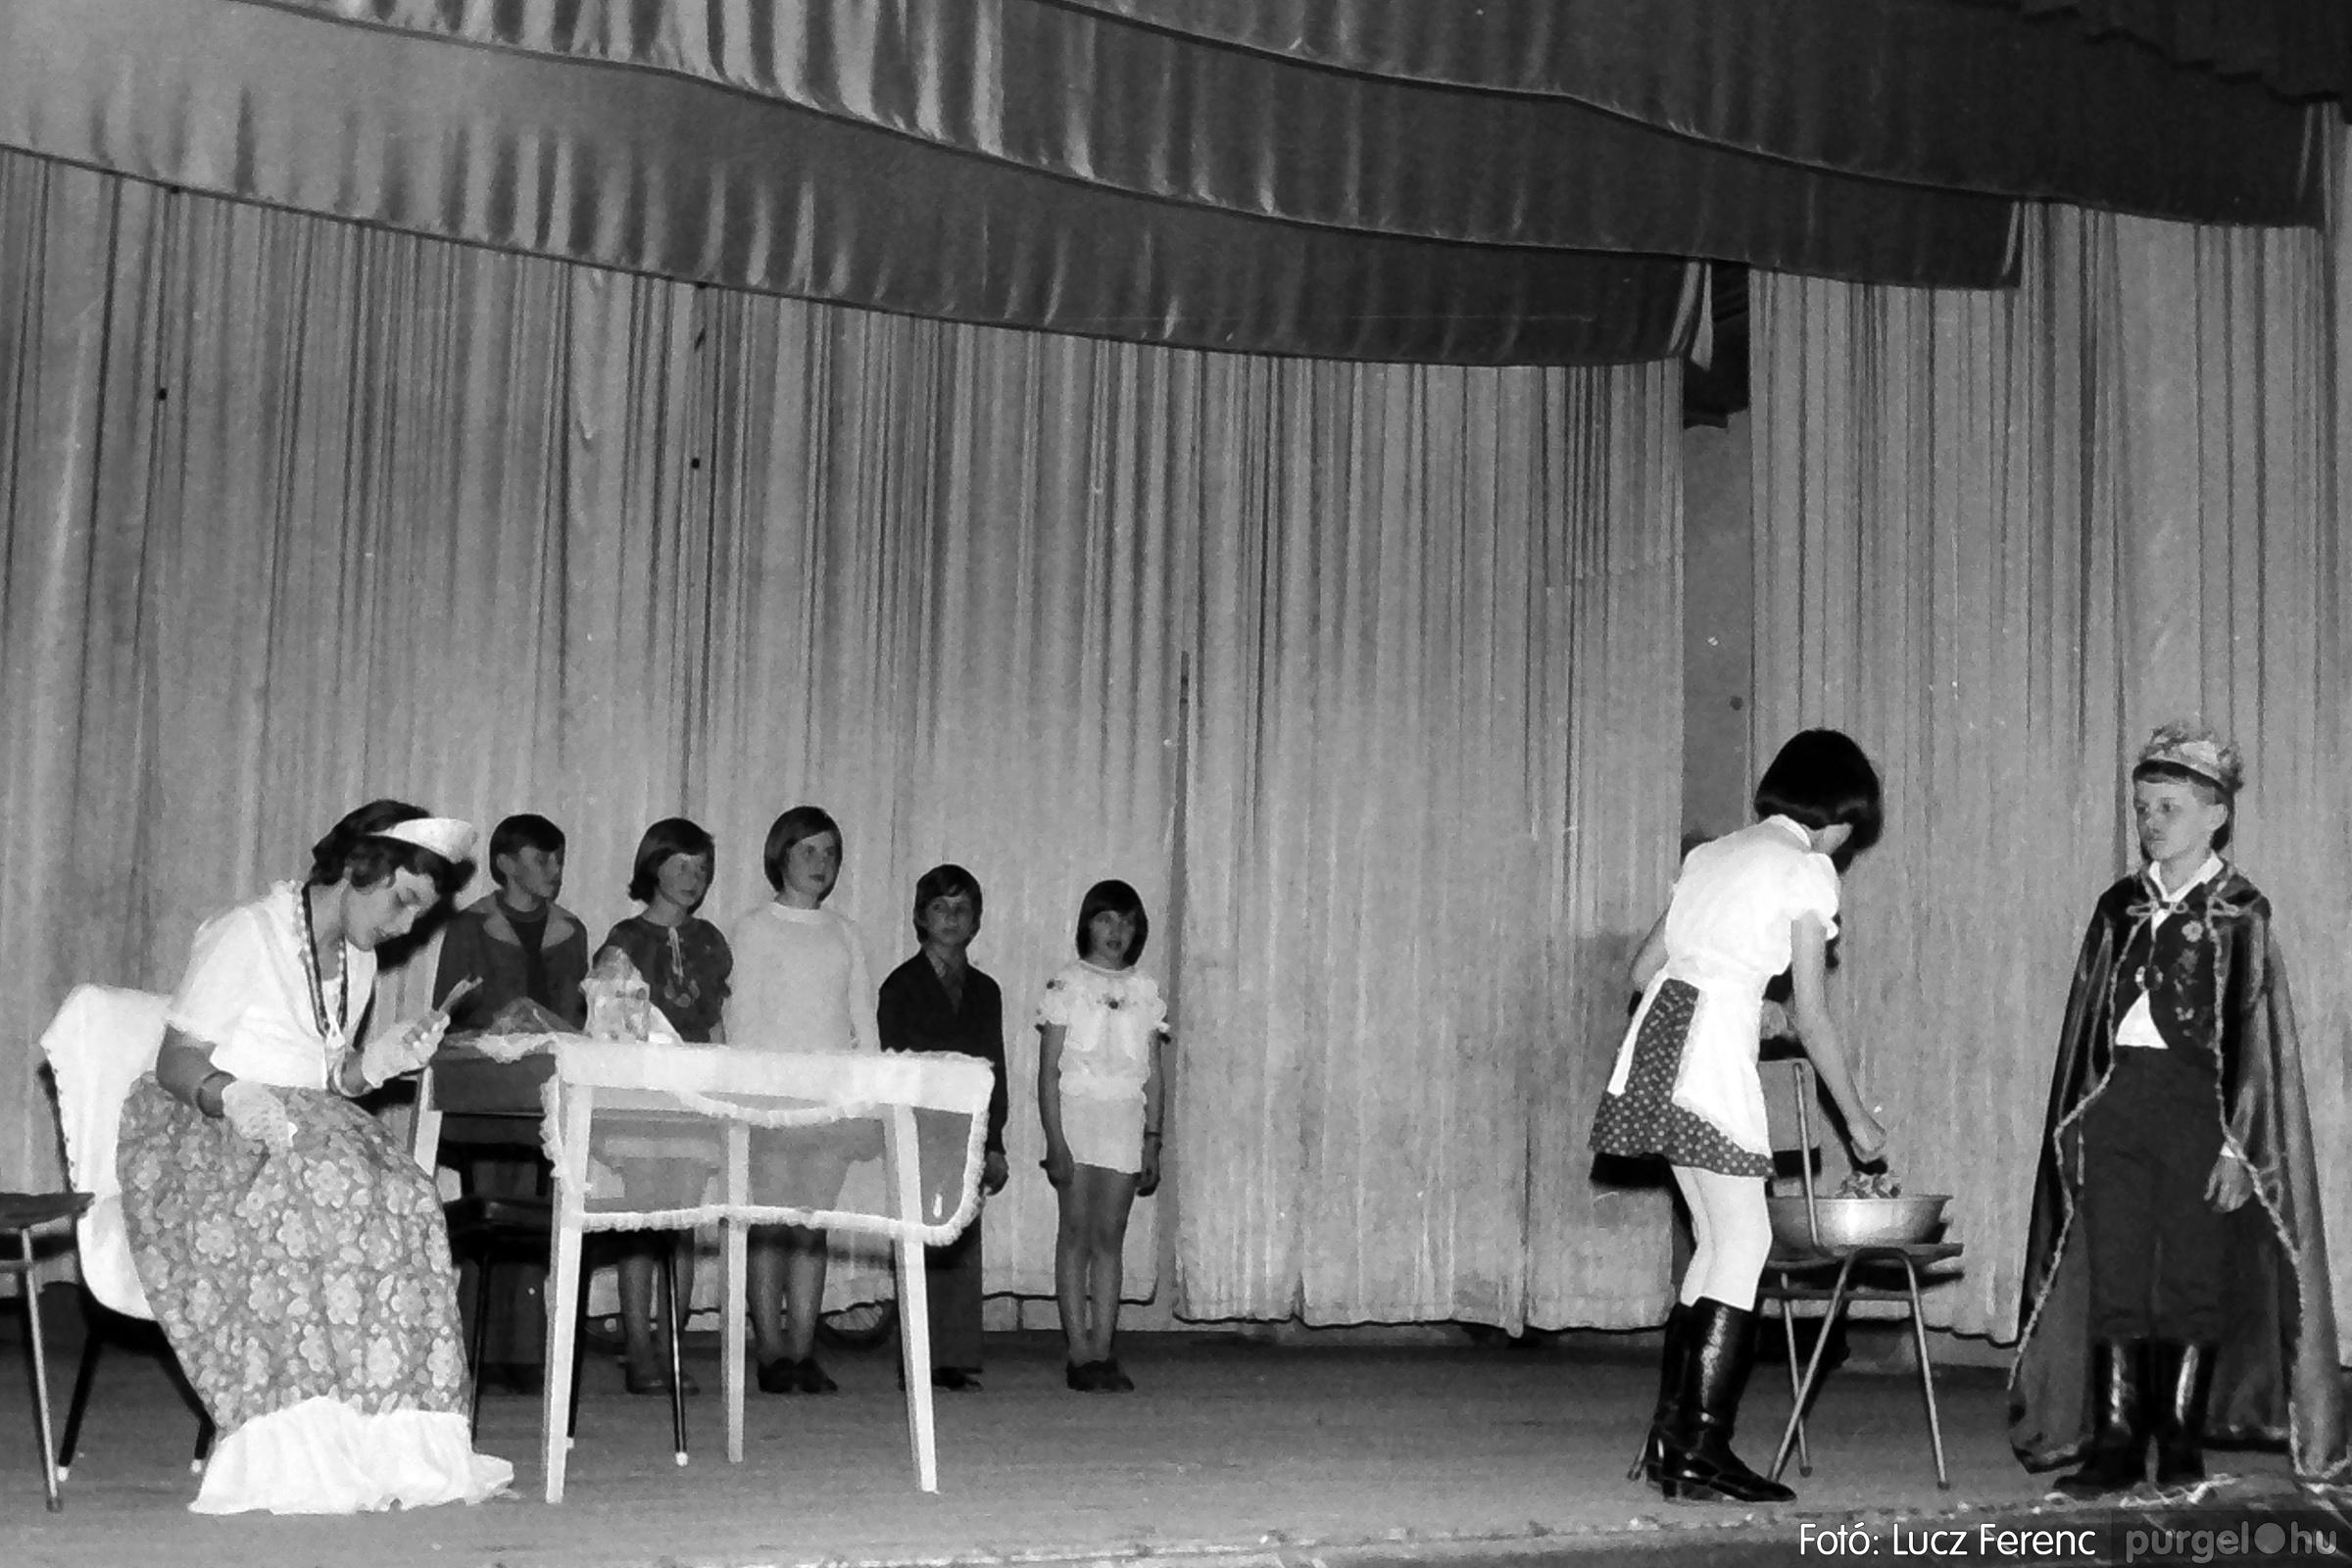 077. 1977. Iskolások fellépése a kultúrházban 026. - Fotó: Lucz Ferenc.jpg